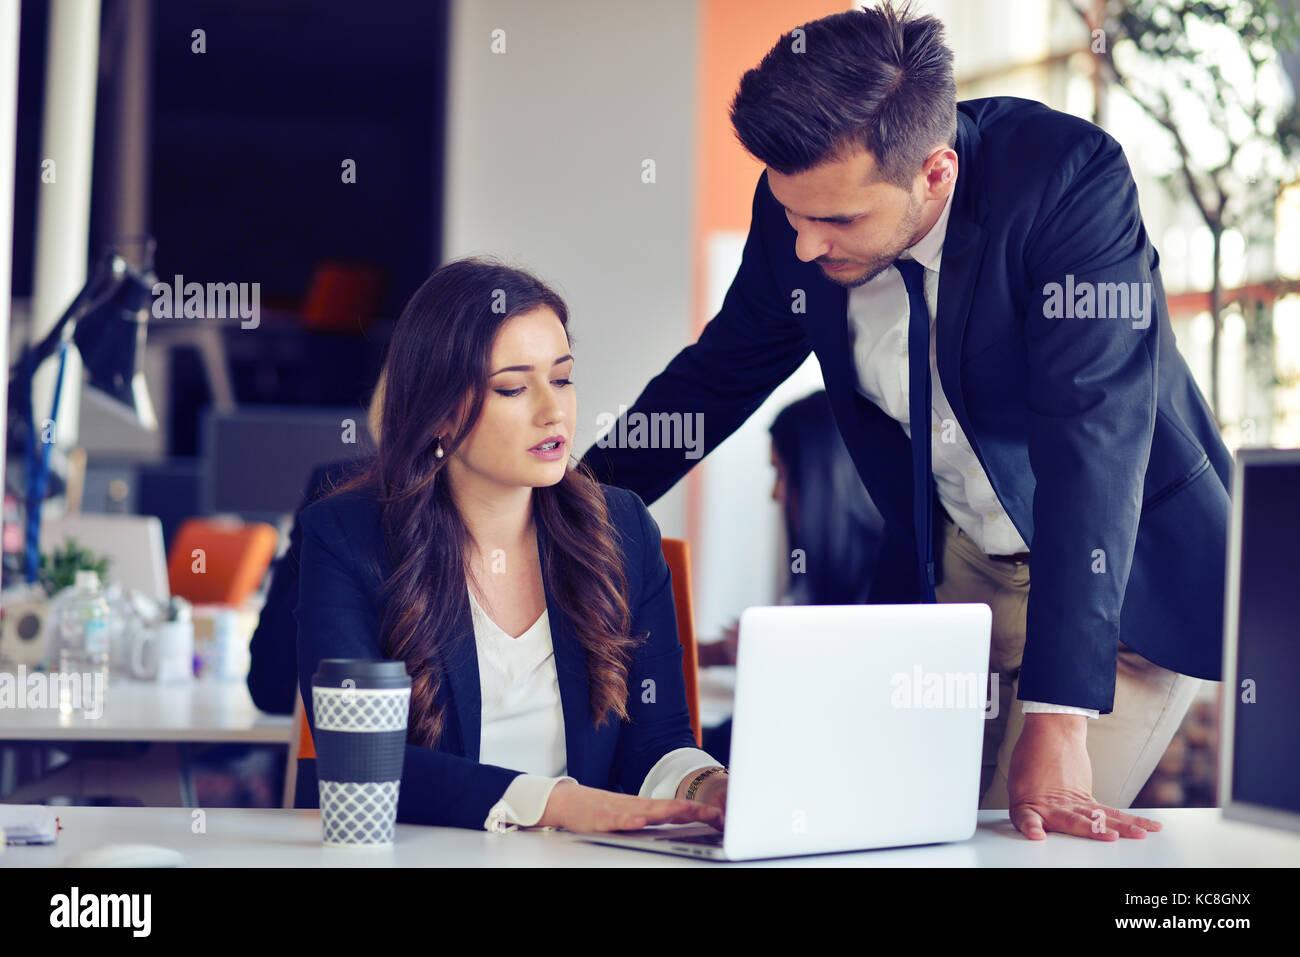 Start Business Konzept mit Jungen multiethnischen Paar in modernen Büro Arbeiten am Laptop Stockbild